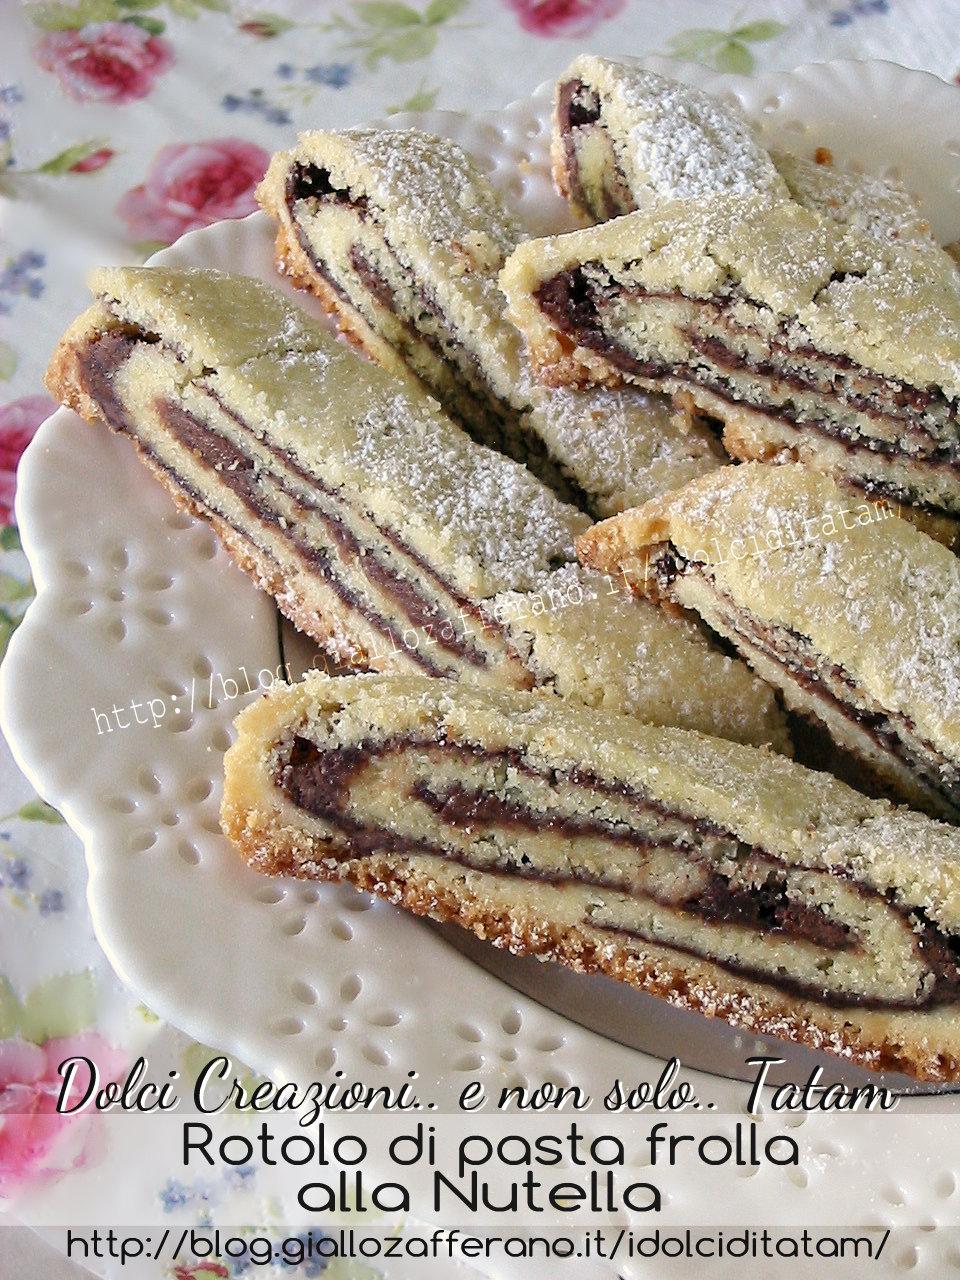 Ricerca ricette con pasta frolla buitoni